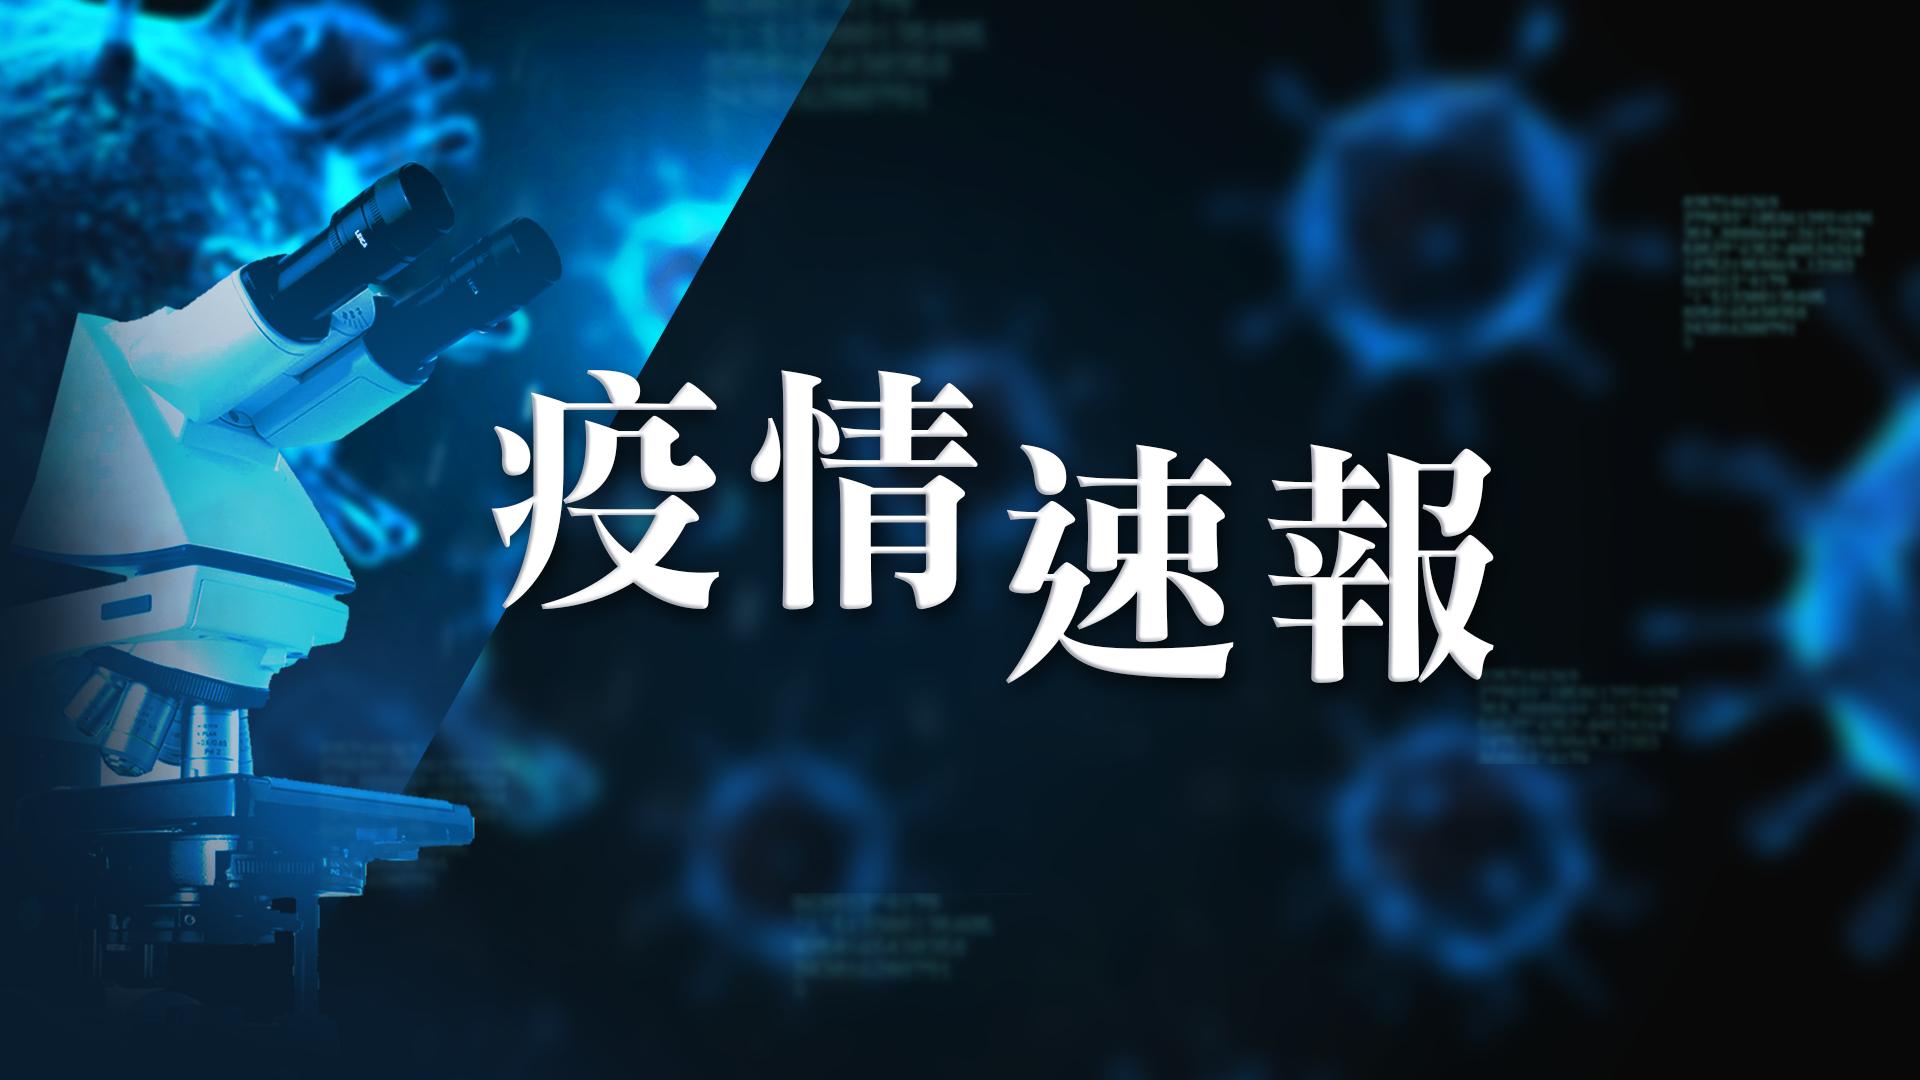 【1月19日疫情速報】(16:50)